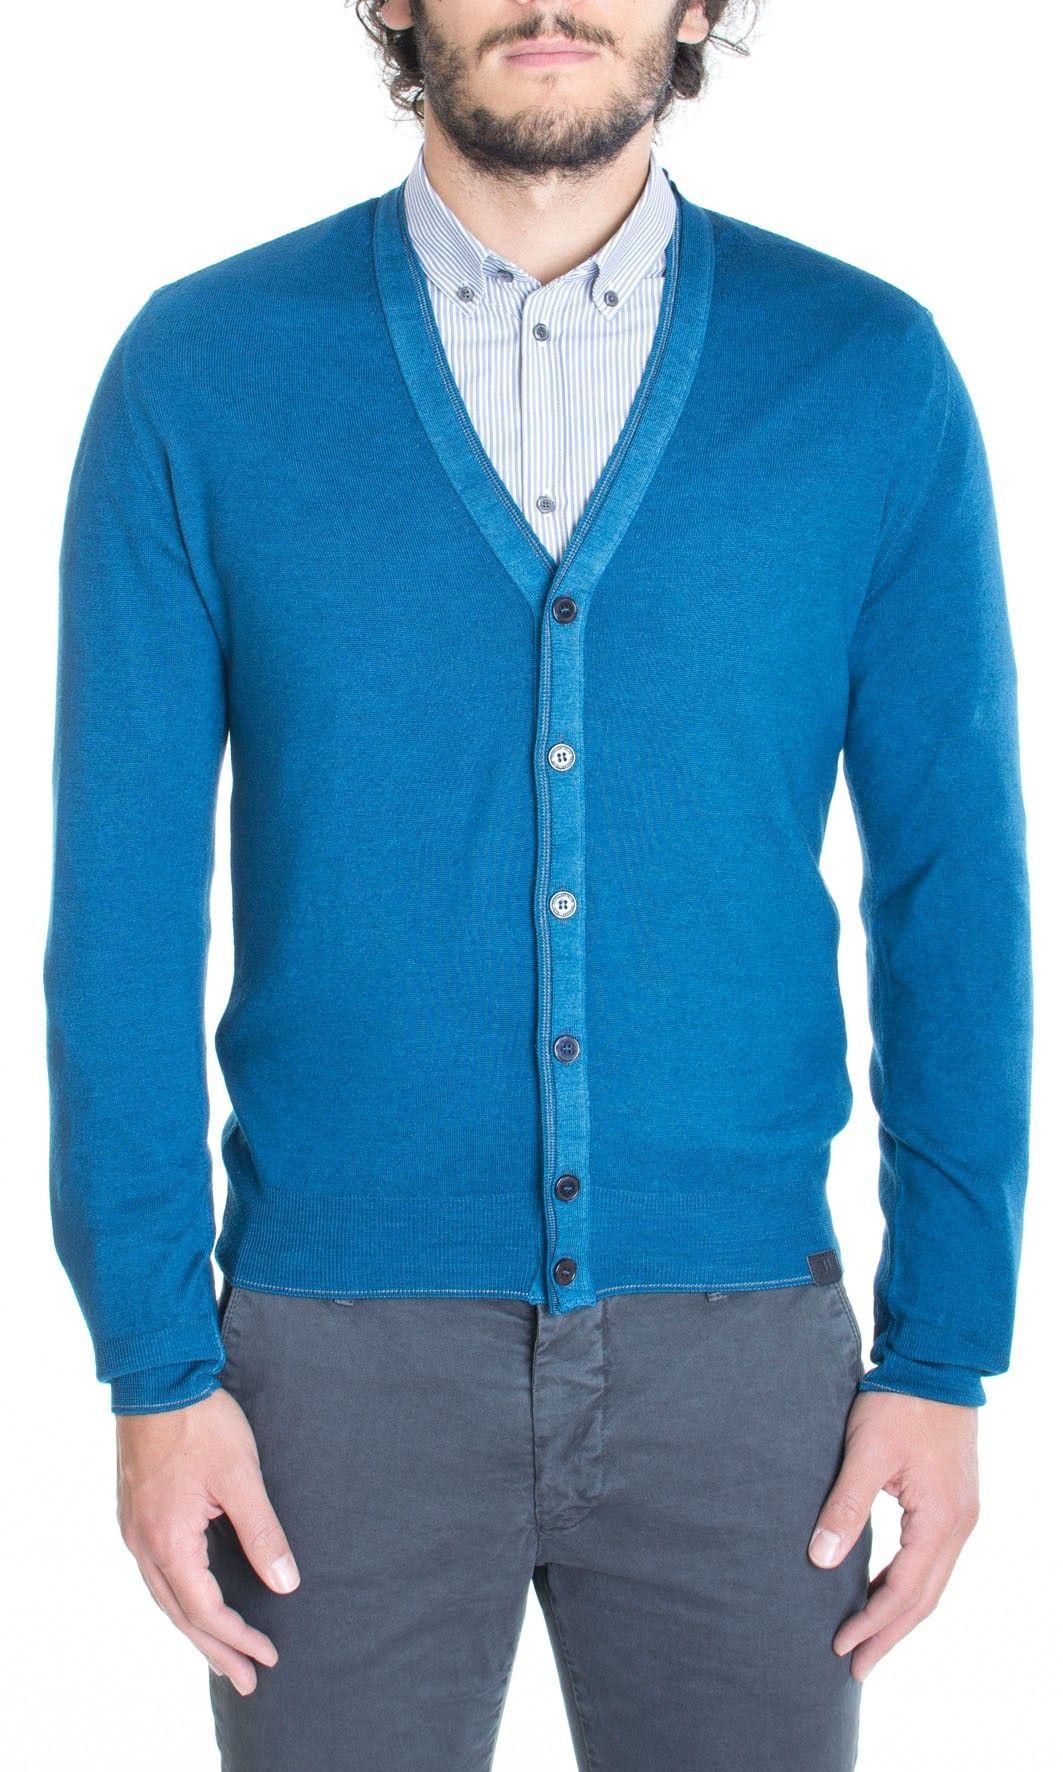 molto carino 77908 624b6 Trussardi Jeans | Cardigan Trussardi Jeans Uomo Maglione Col ...